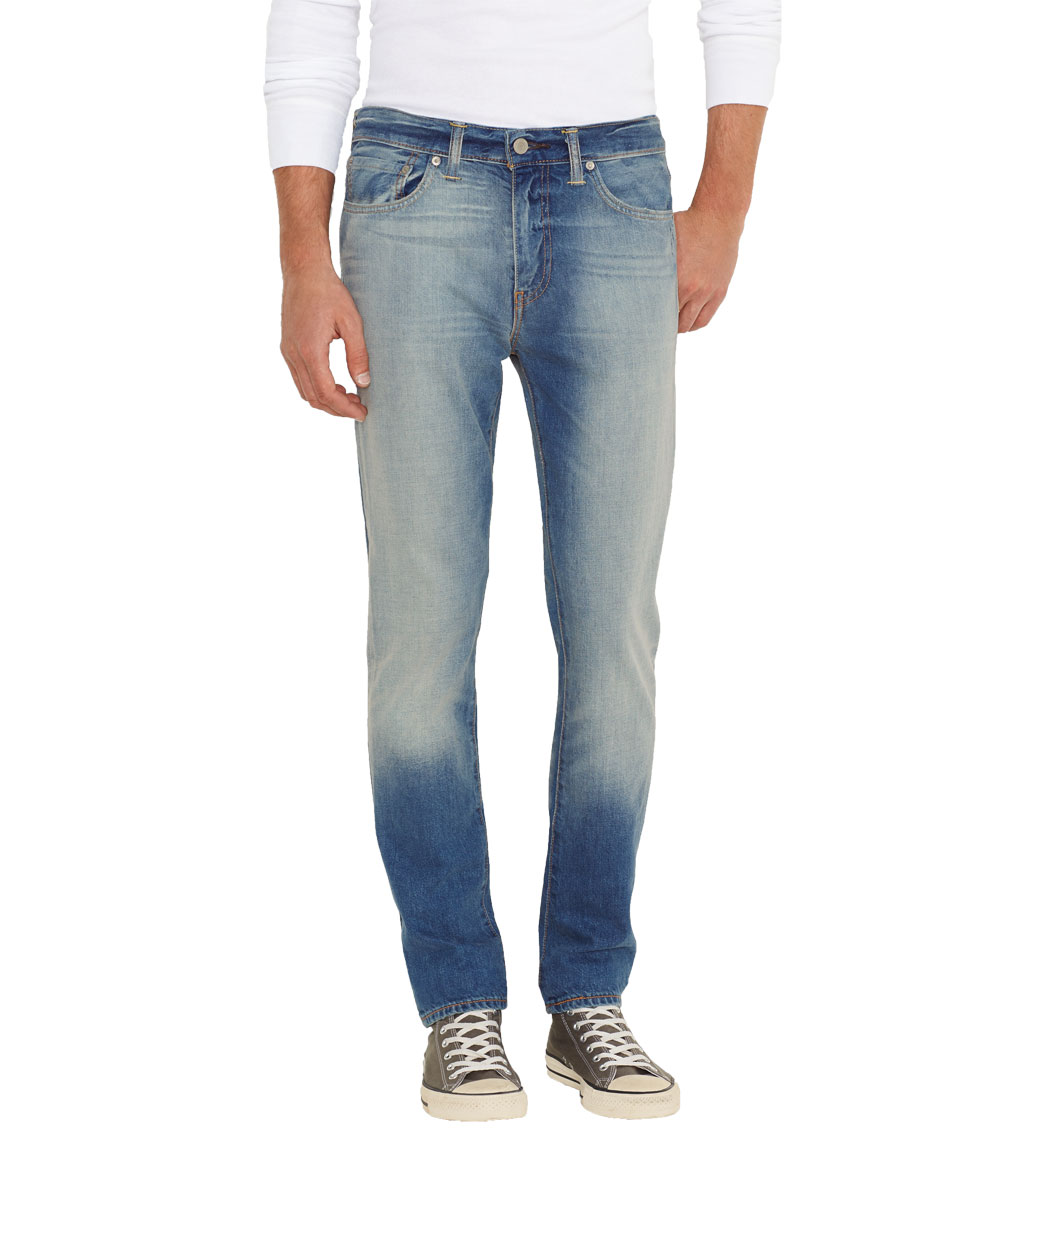 Levis 511 Jeans - Slim Fit - Homie